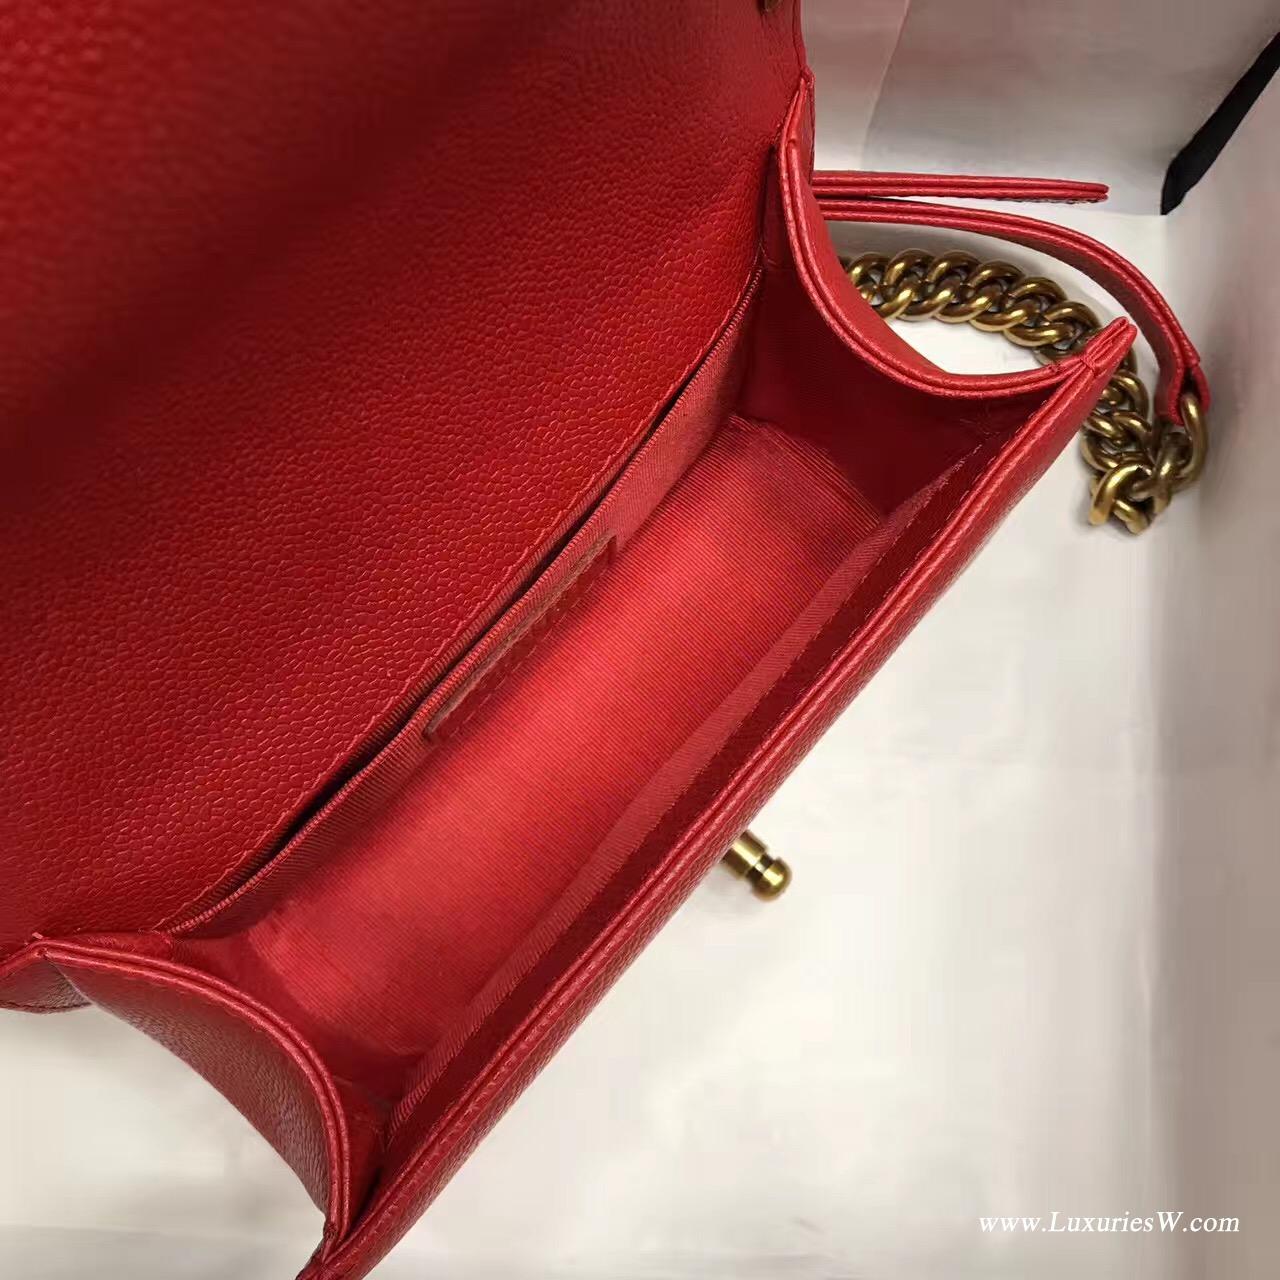 小號Leboy bag 20CM 口蓋包 红色魚子醬 顆粒壓花小牛皮與金色